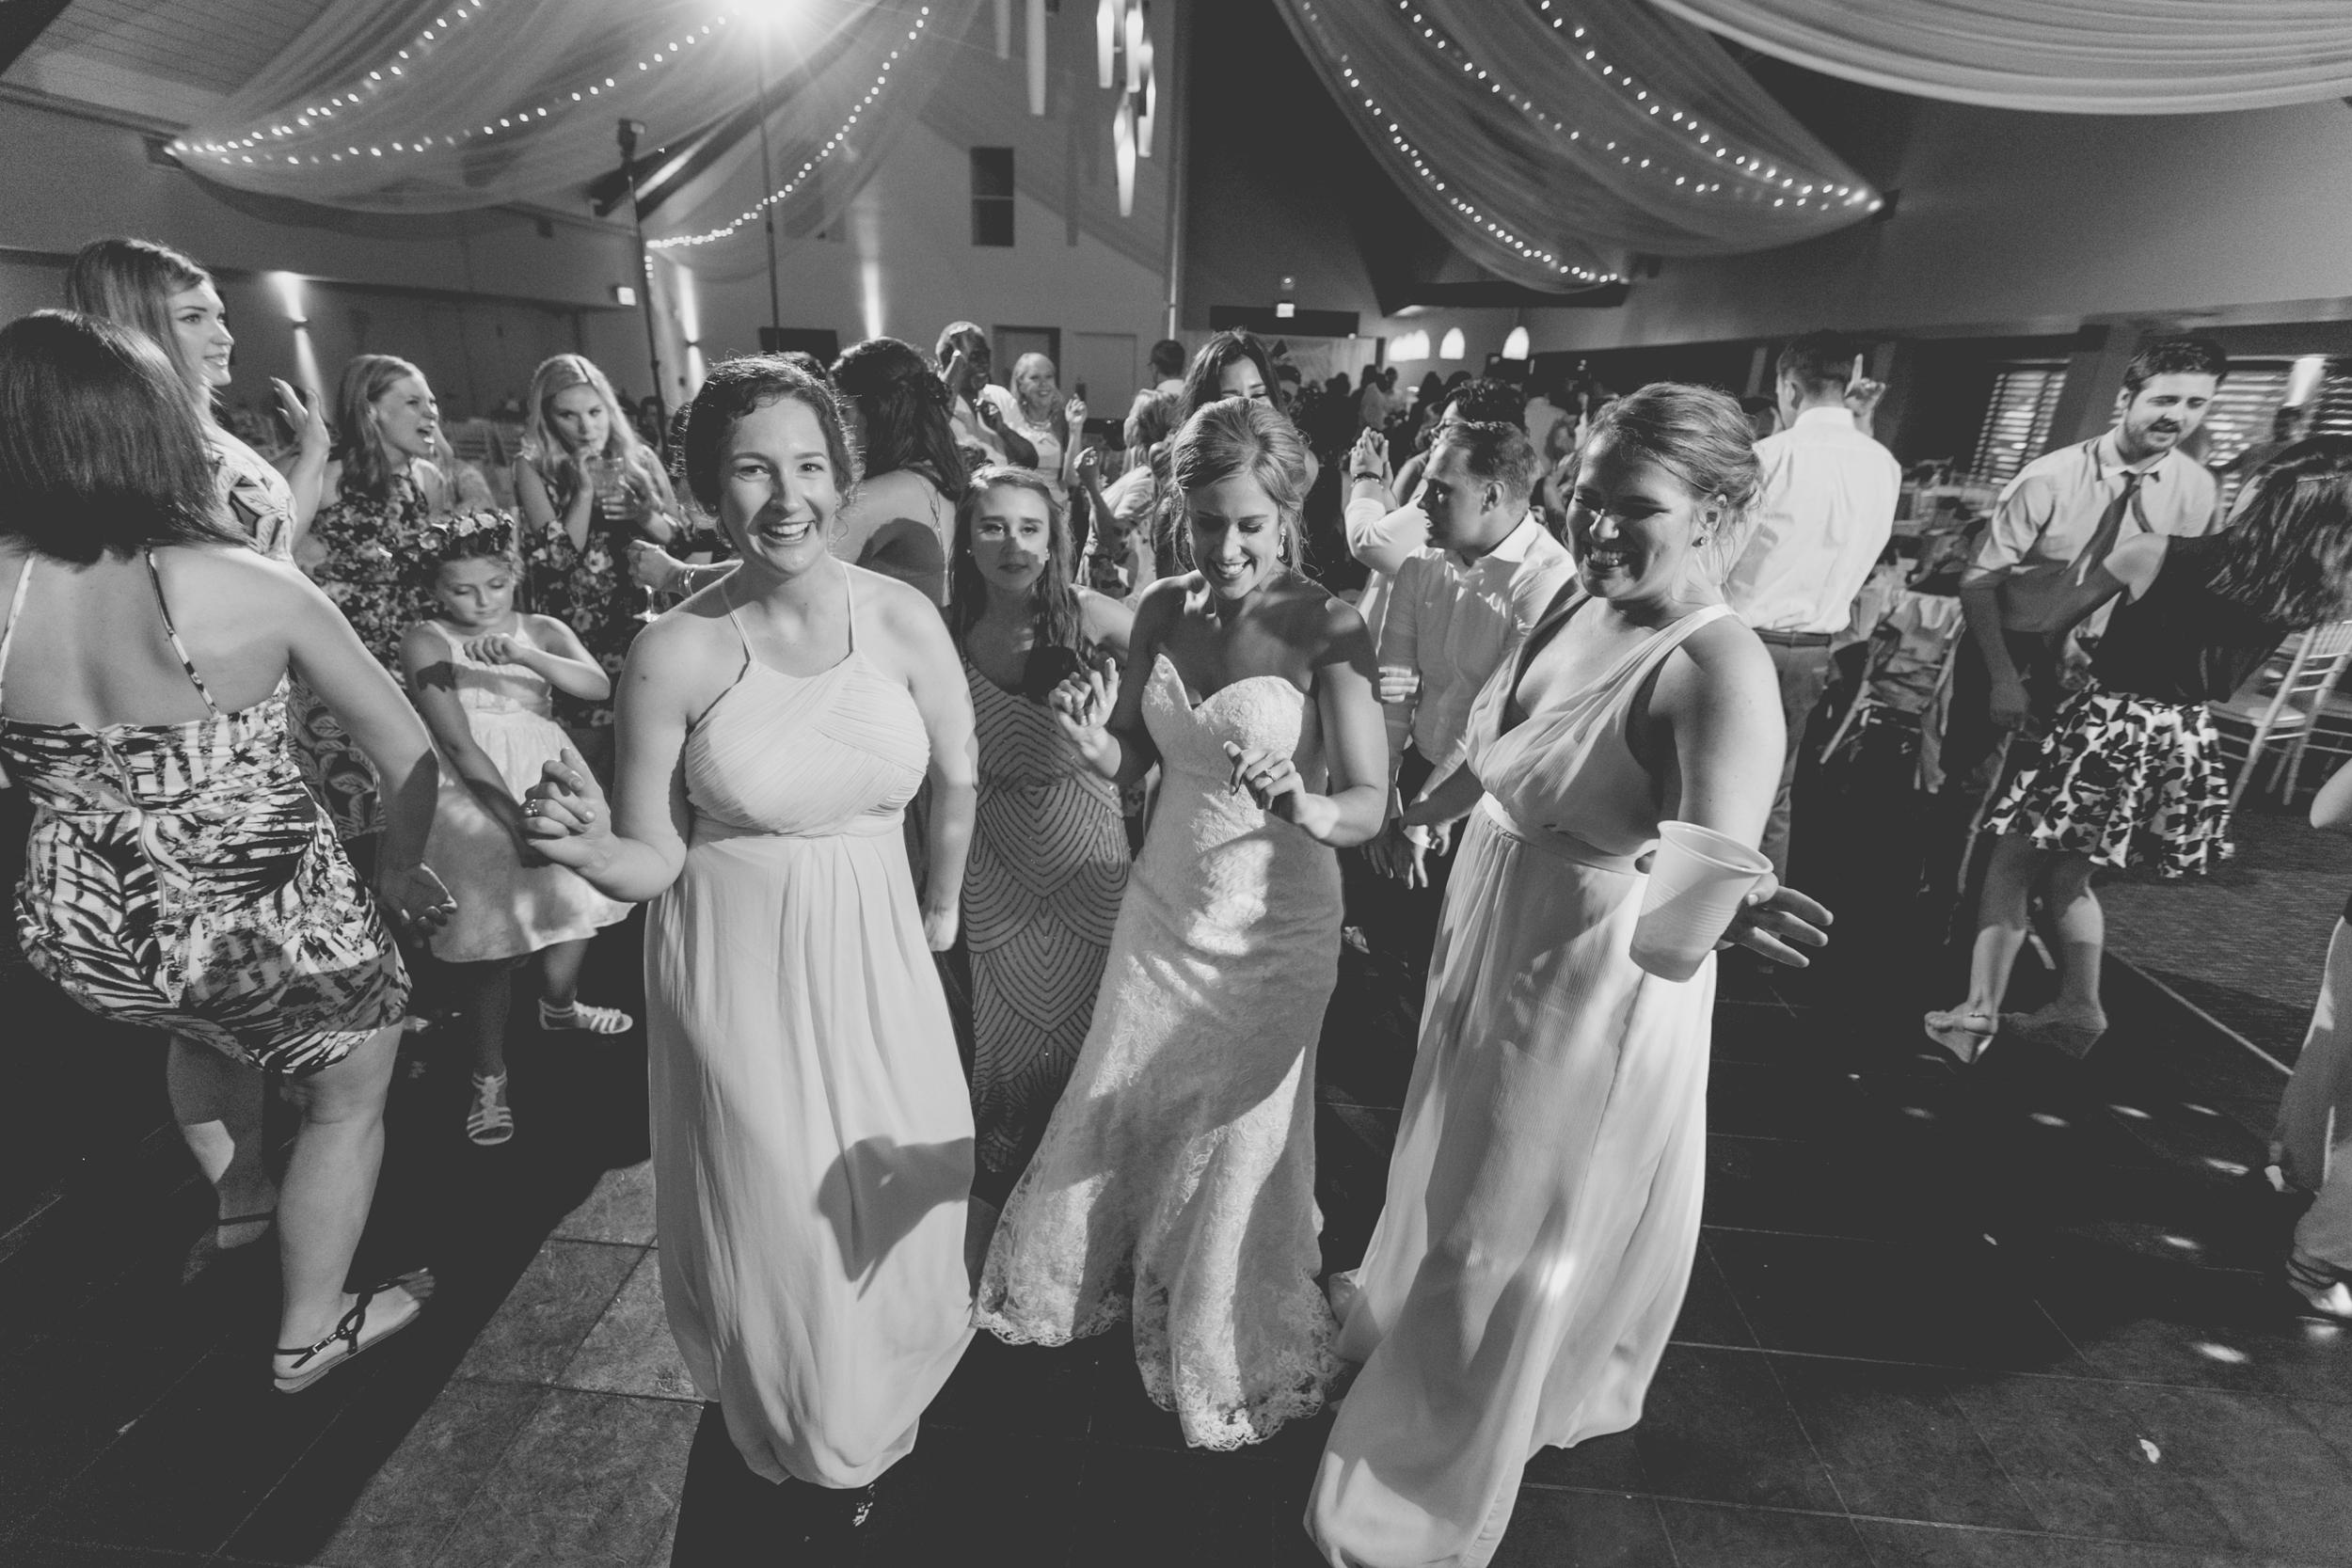 dellwood country club wedding*, Dellwood Country Club*, golf course wedding*, green golf course*, rose pink wedding details*-www.rachelsmak.com97.jpg